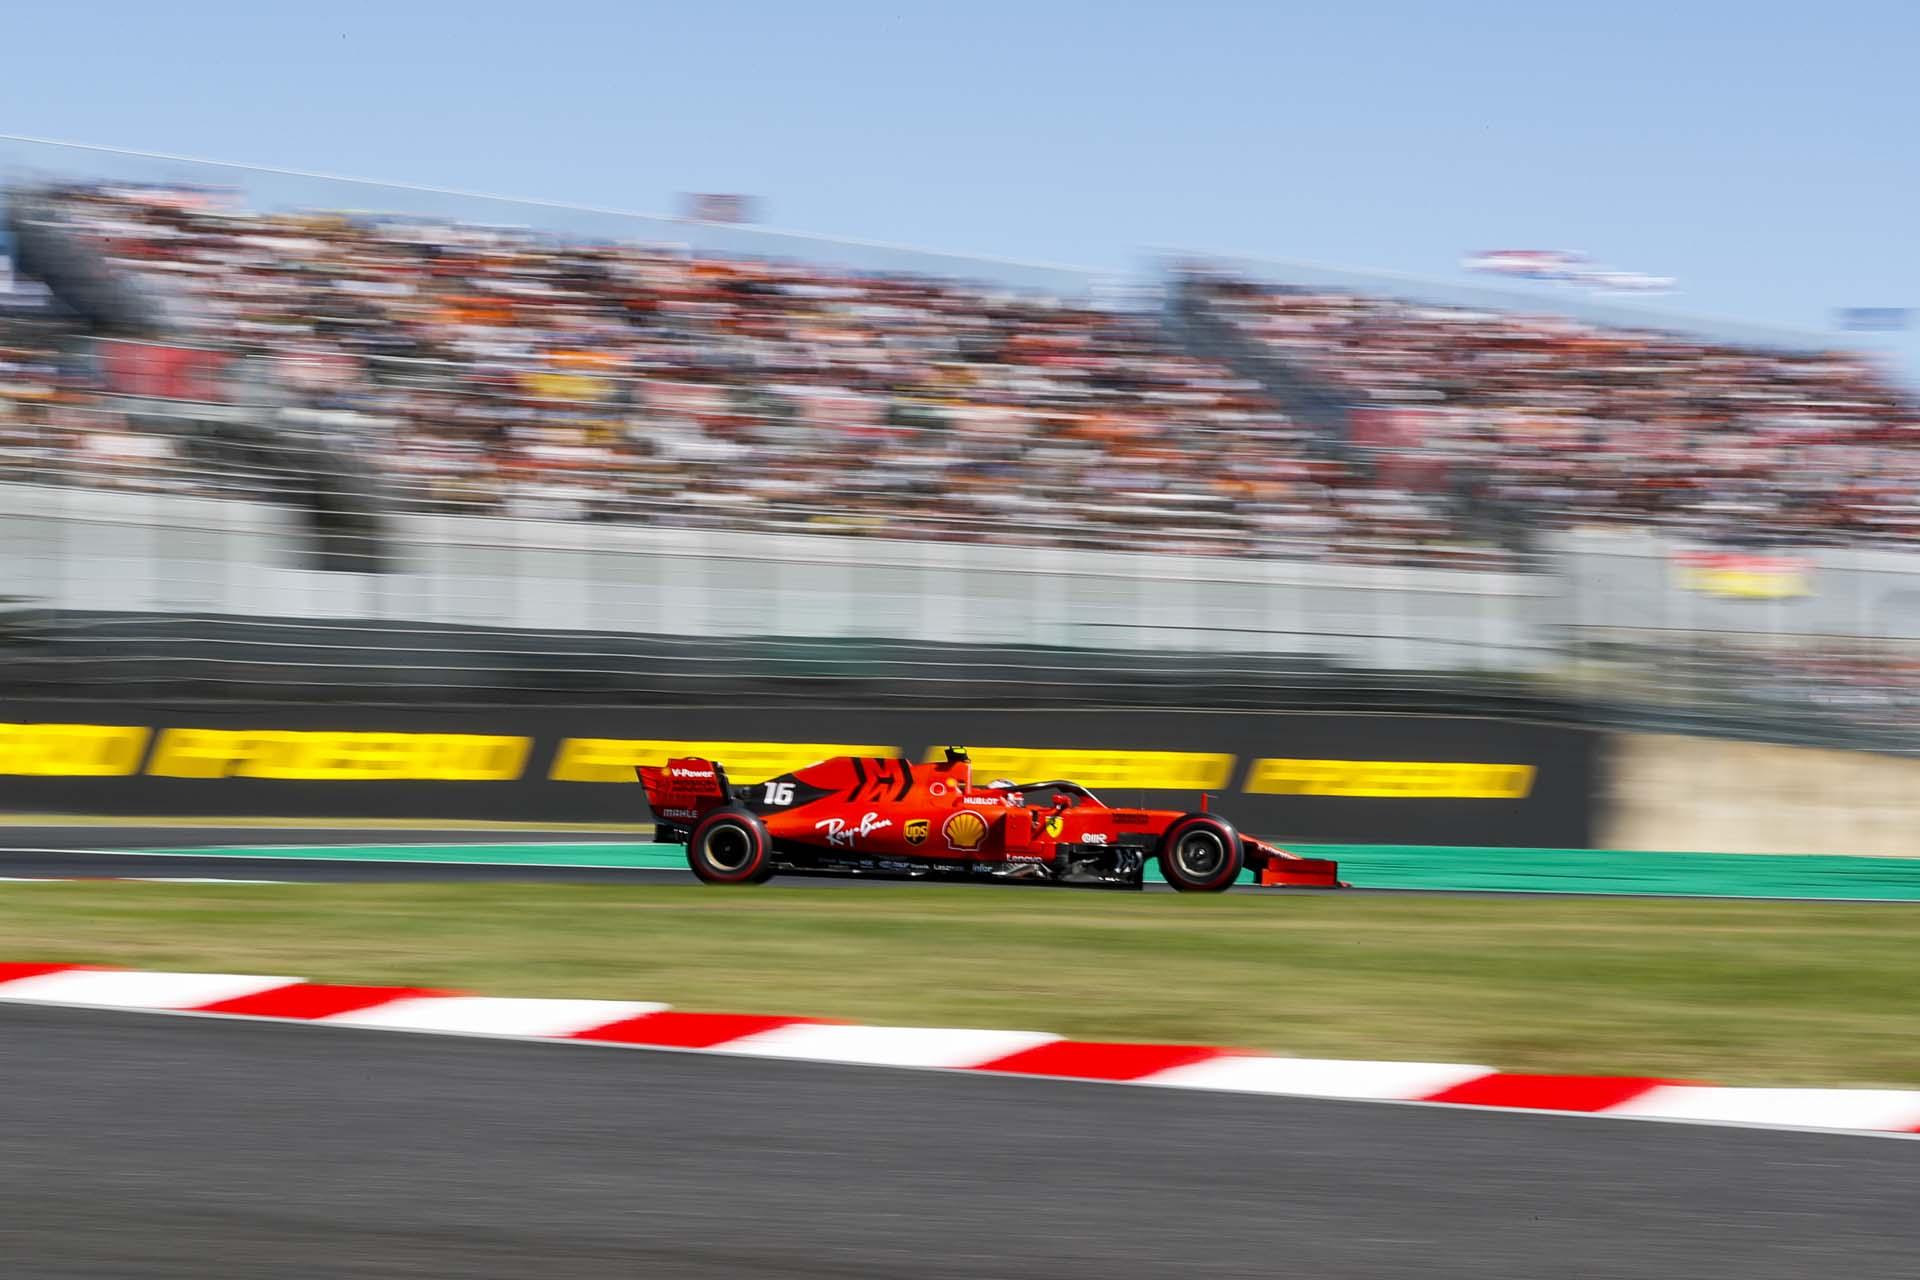 2019 Japanese GP